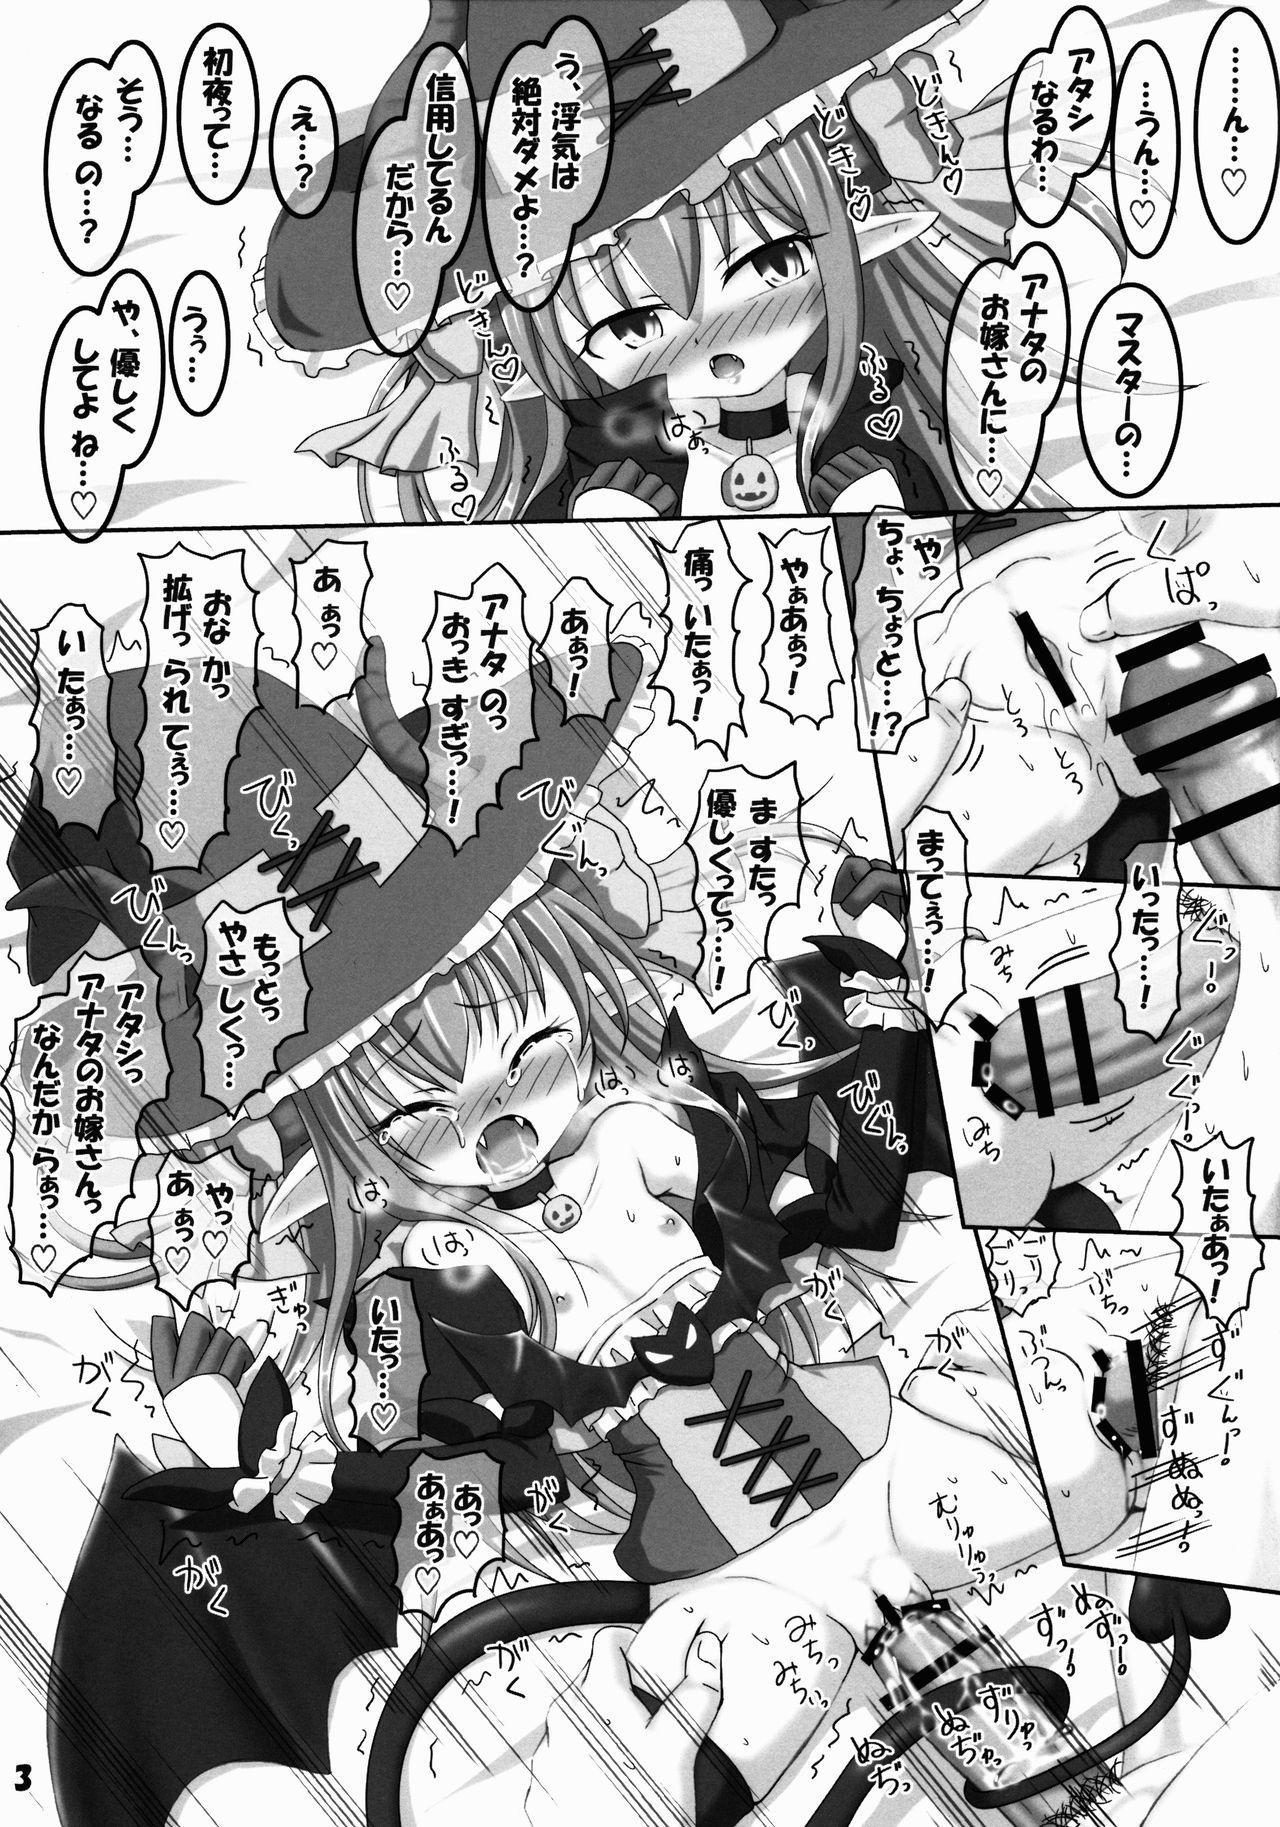 Eli-chan to Kozukuri Shitai Hon 2